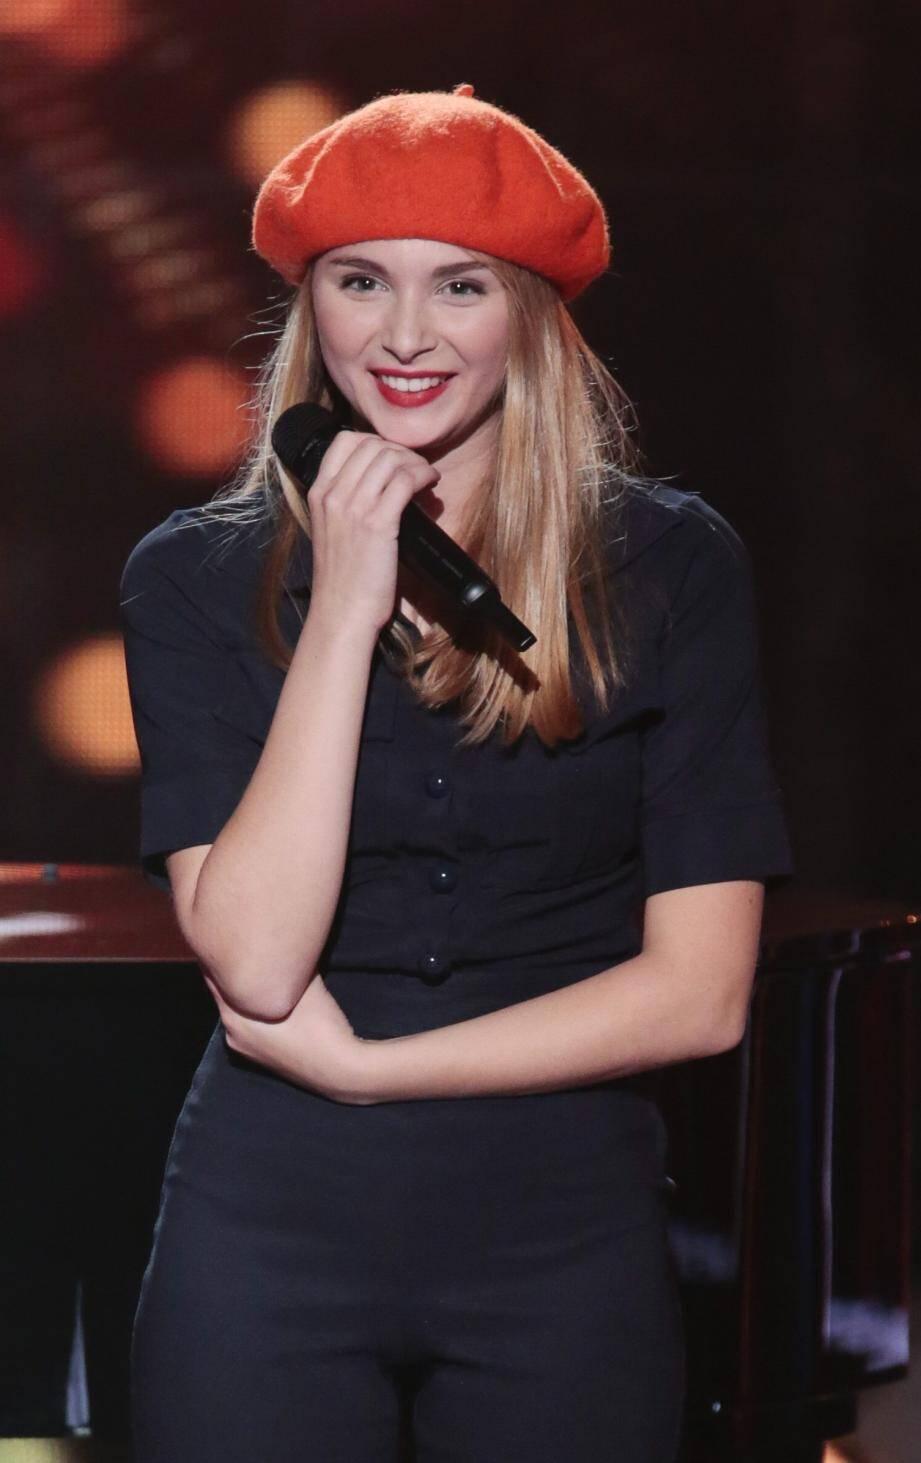 Isilde sera ce soir sur la scène face aux coachs de The Voice. Saura-t-elle les convaincre ? On le lui souhaite.